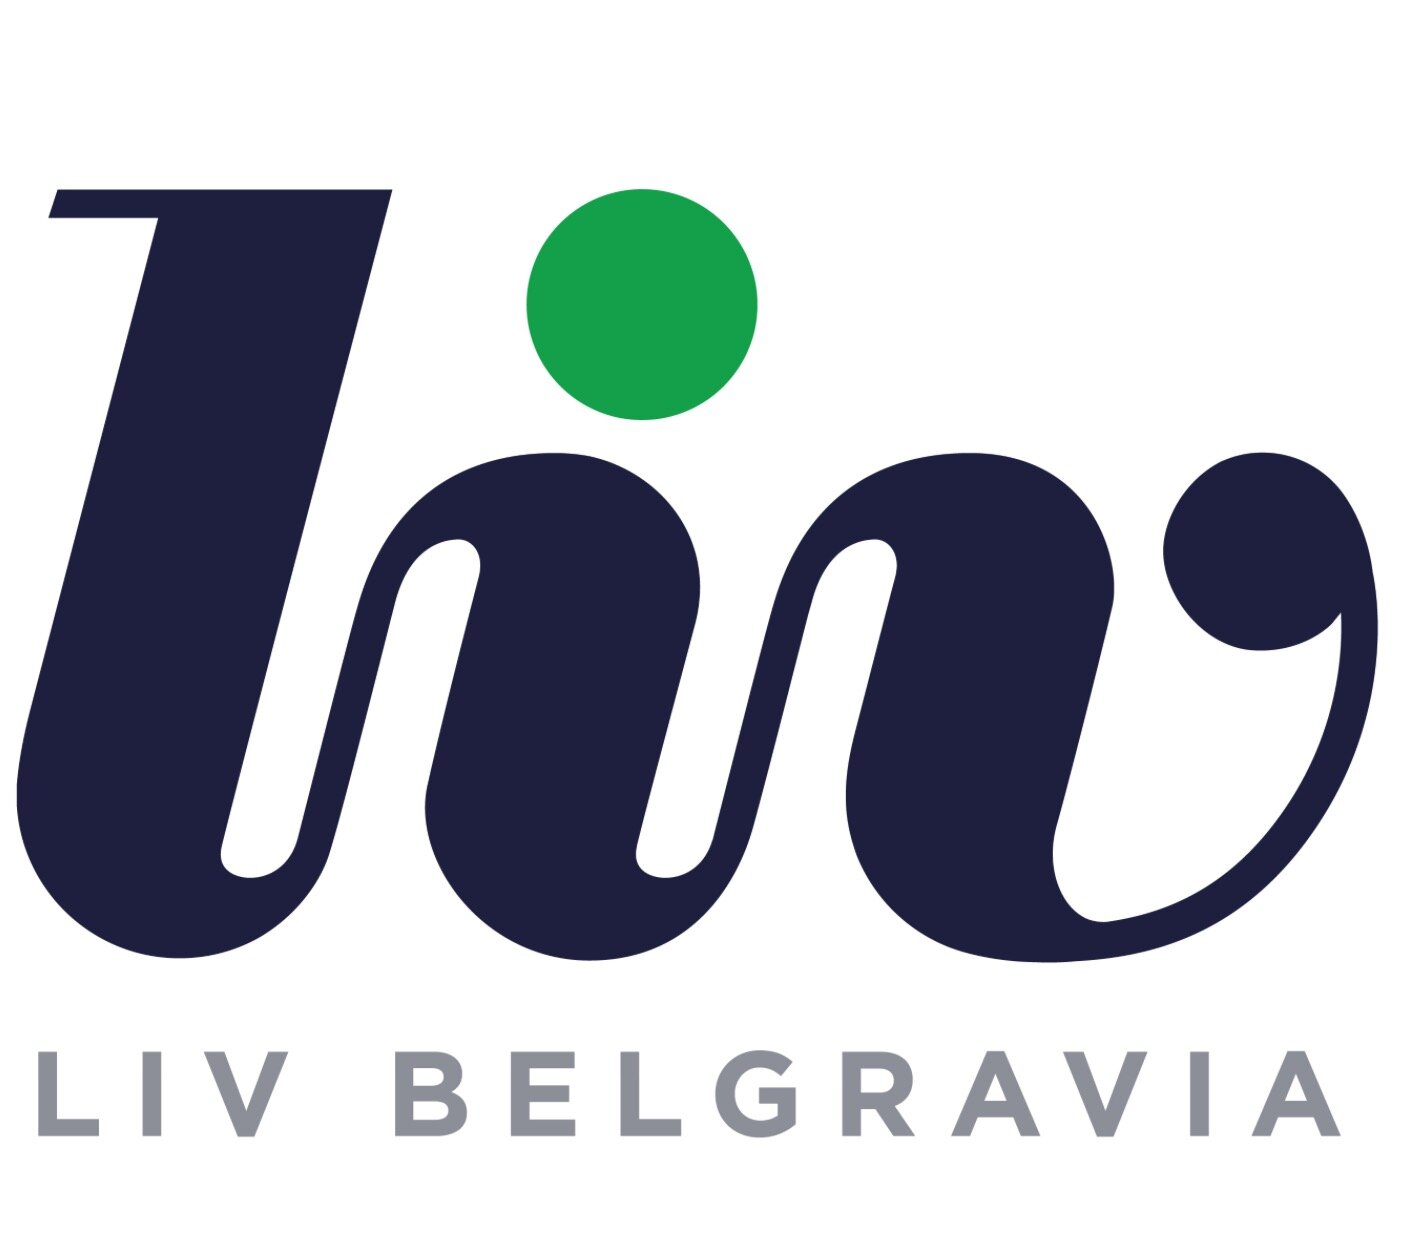 LIV Belgravia